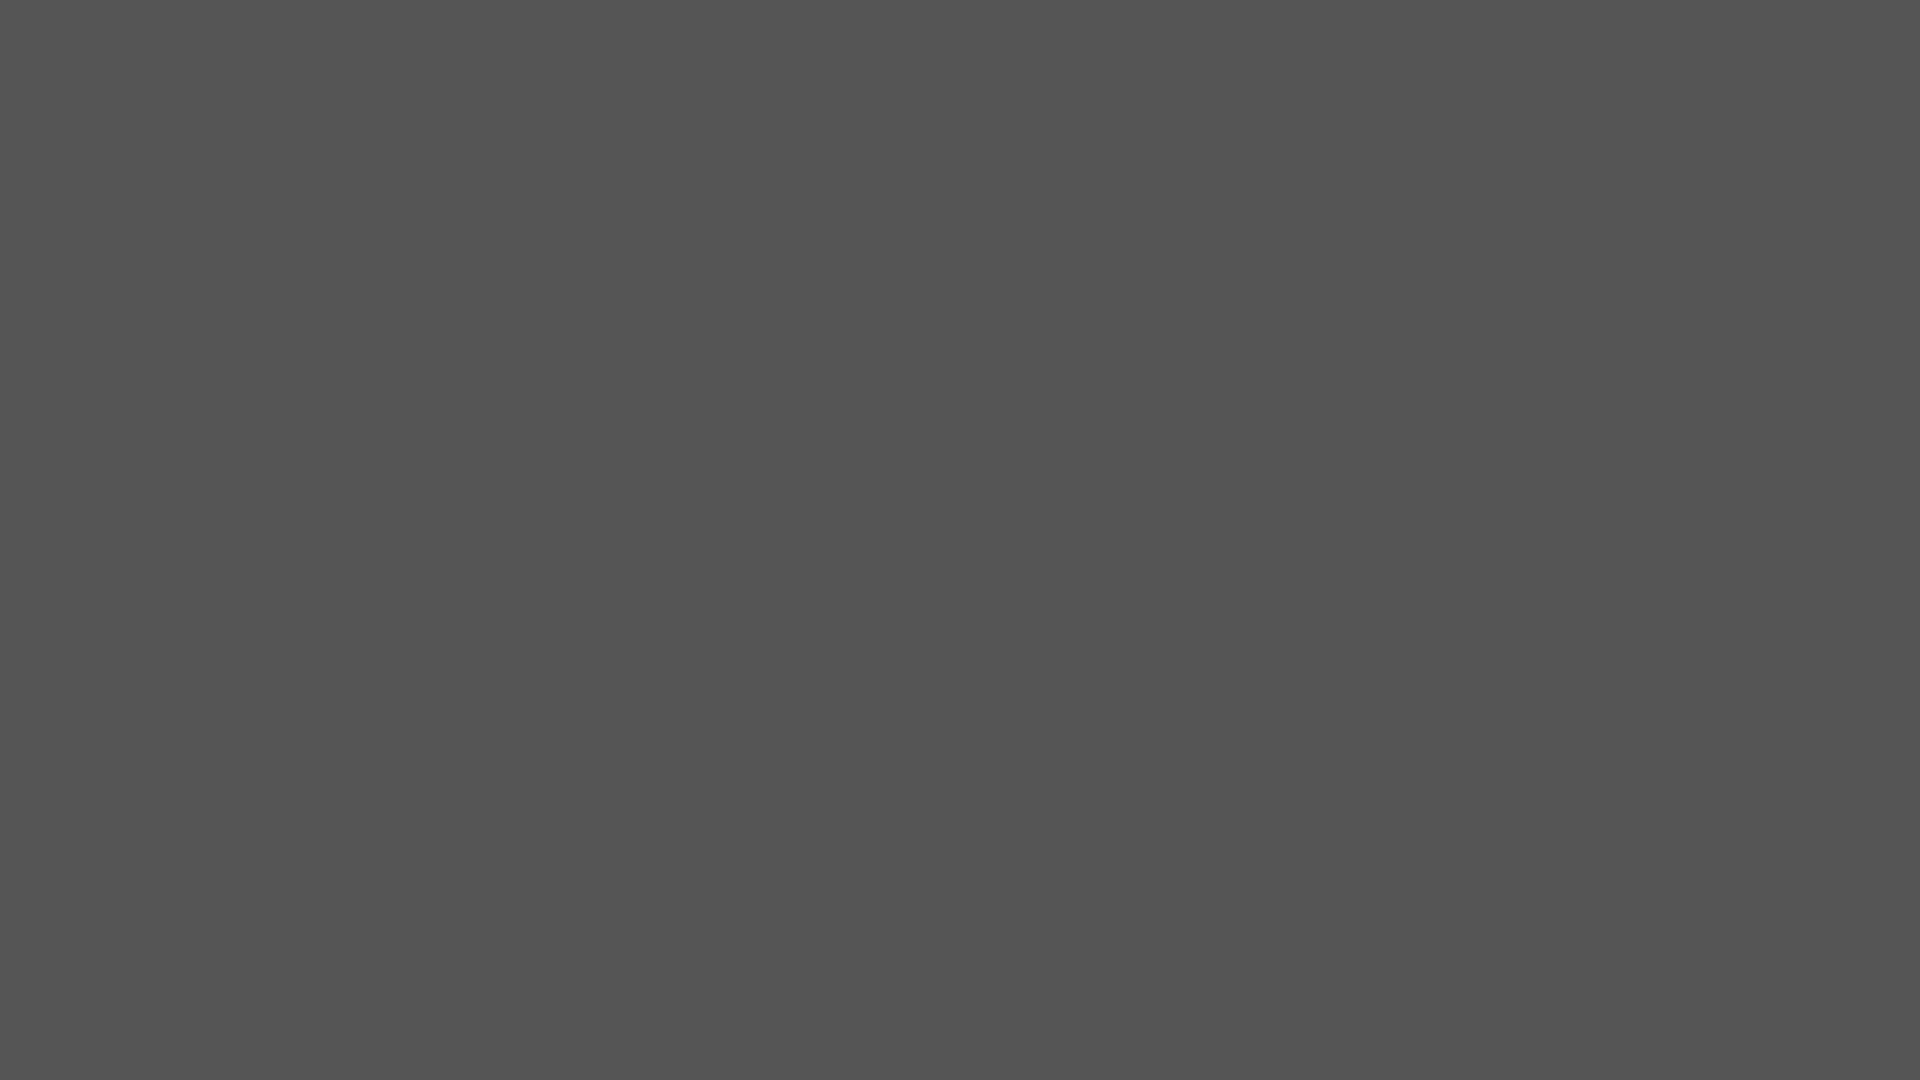 Of Gray Color Nimbus Gray Benjamin Moore Condo Decor